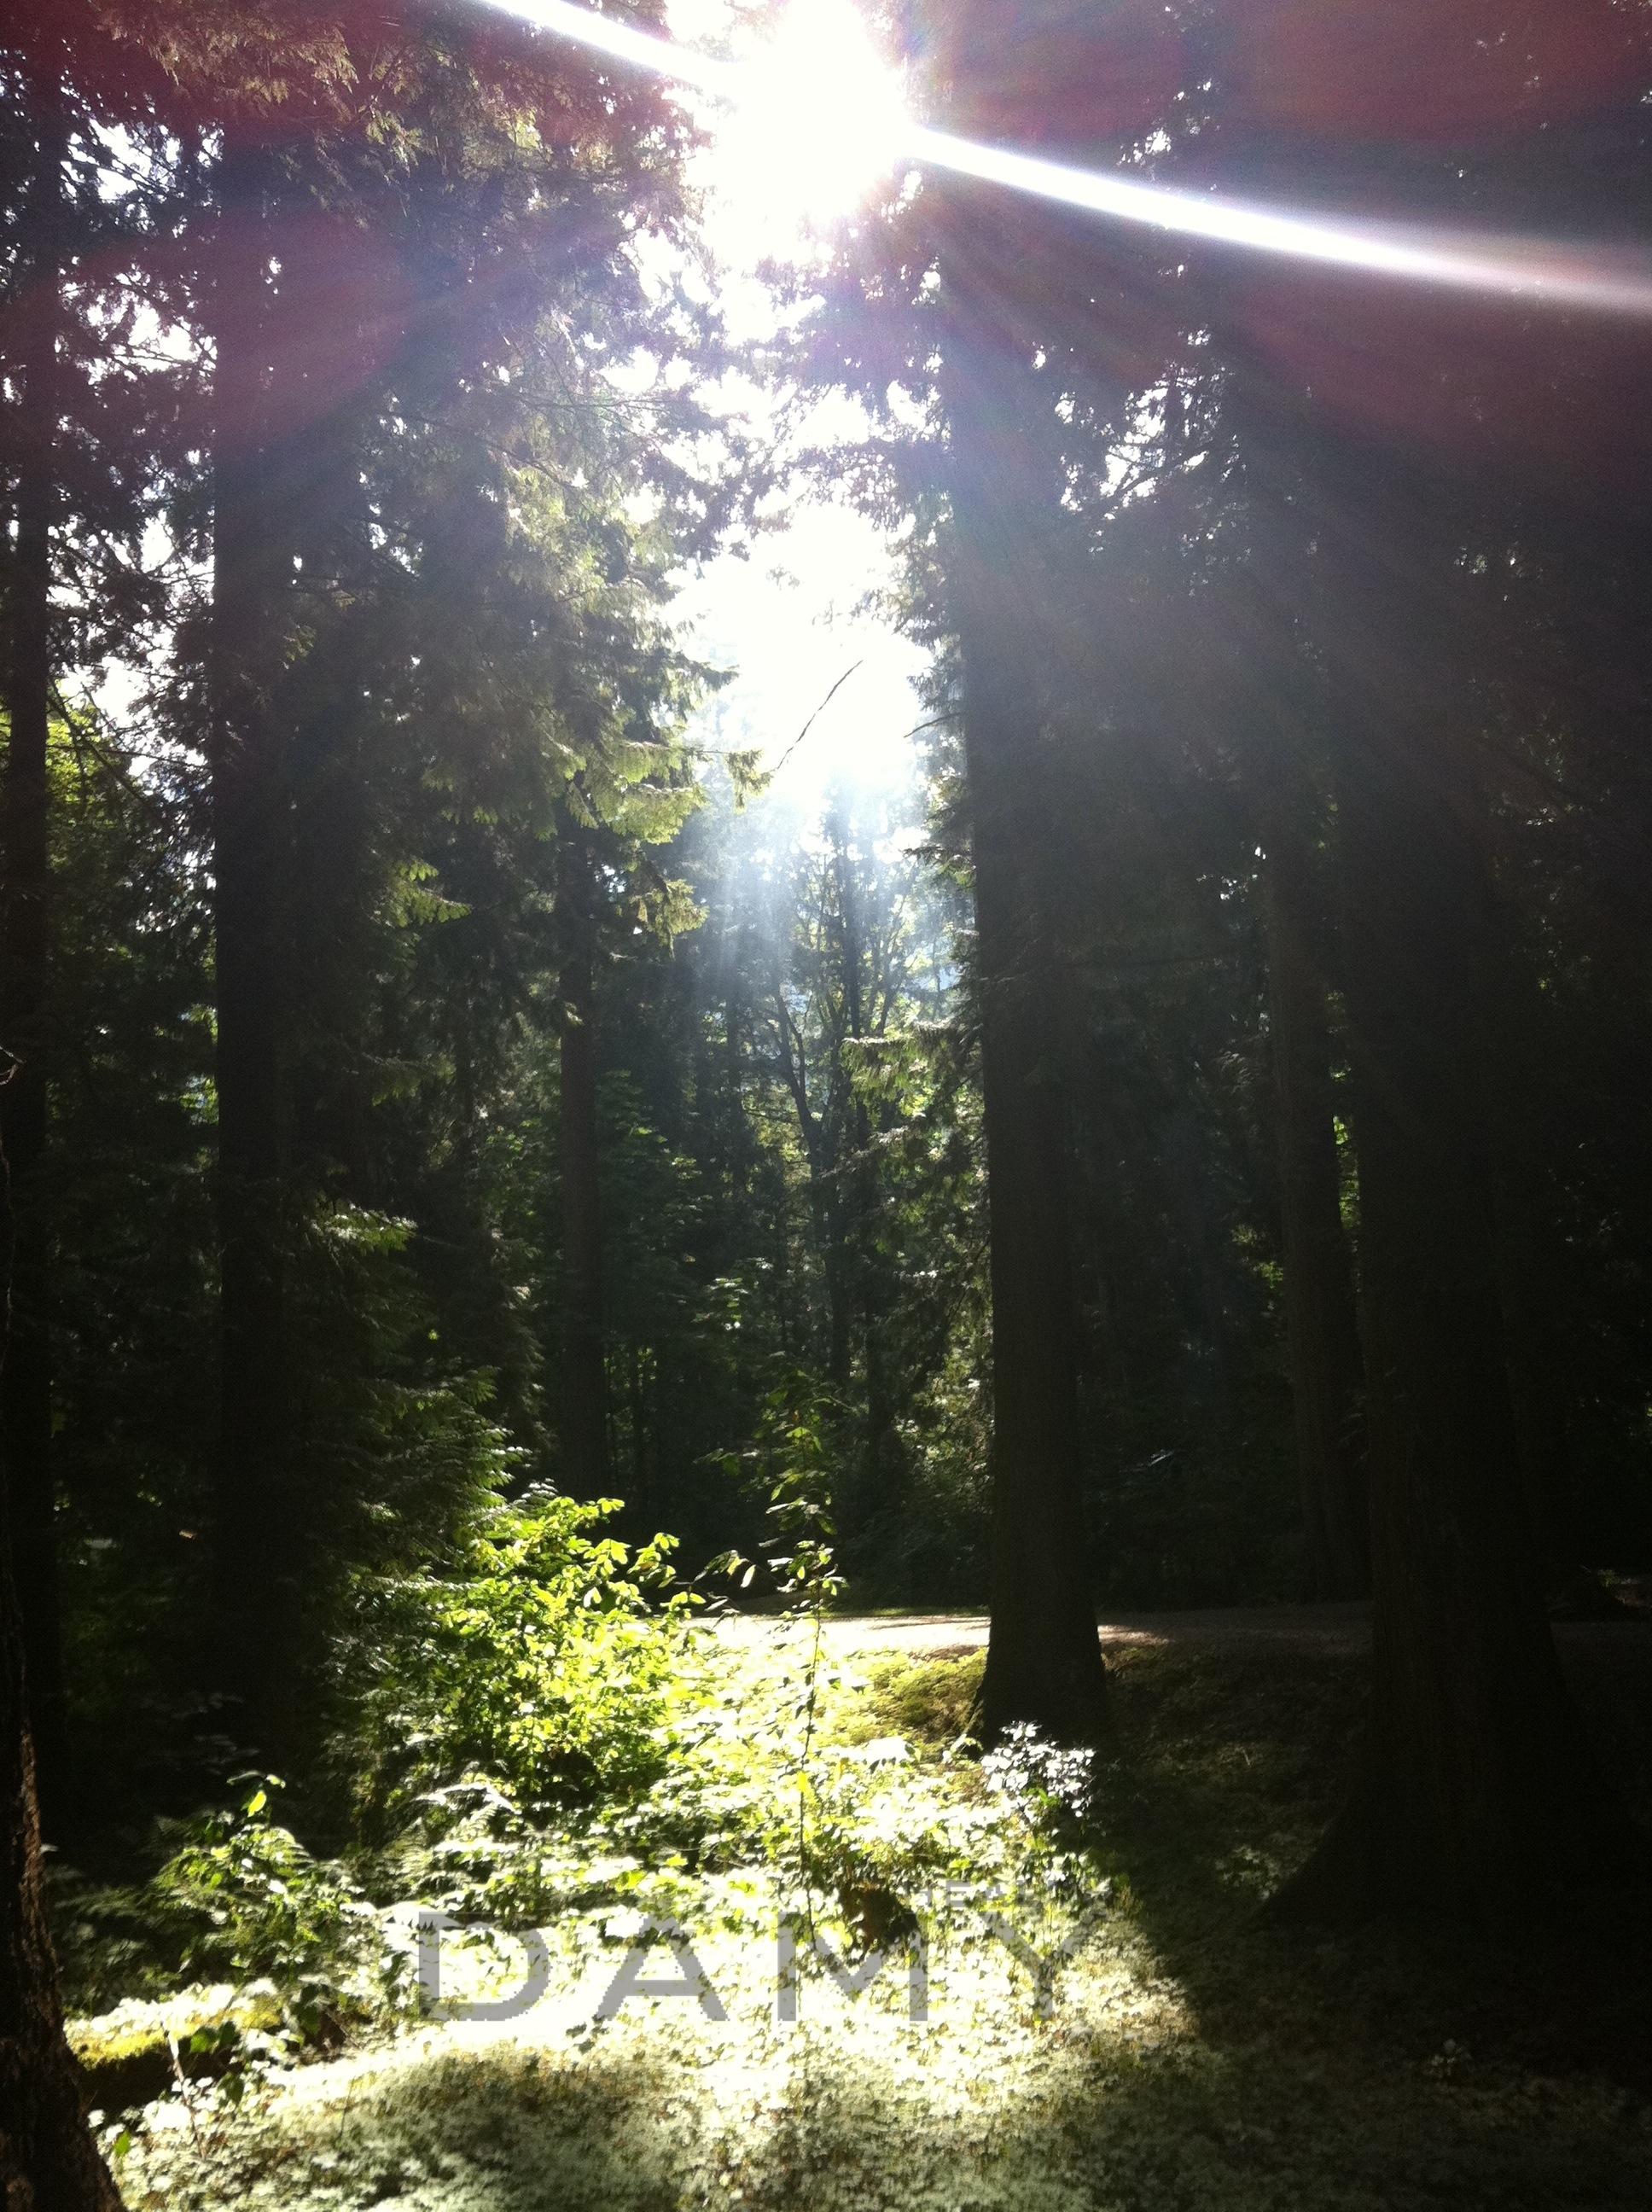 Camping at Cultus Lake